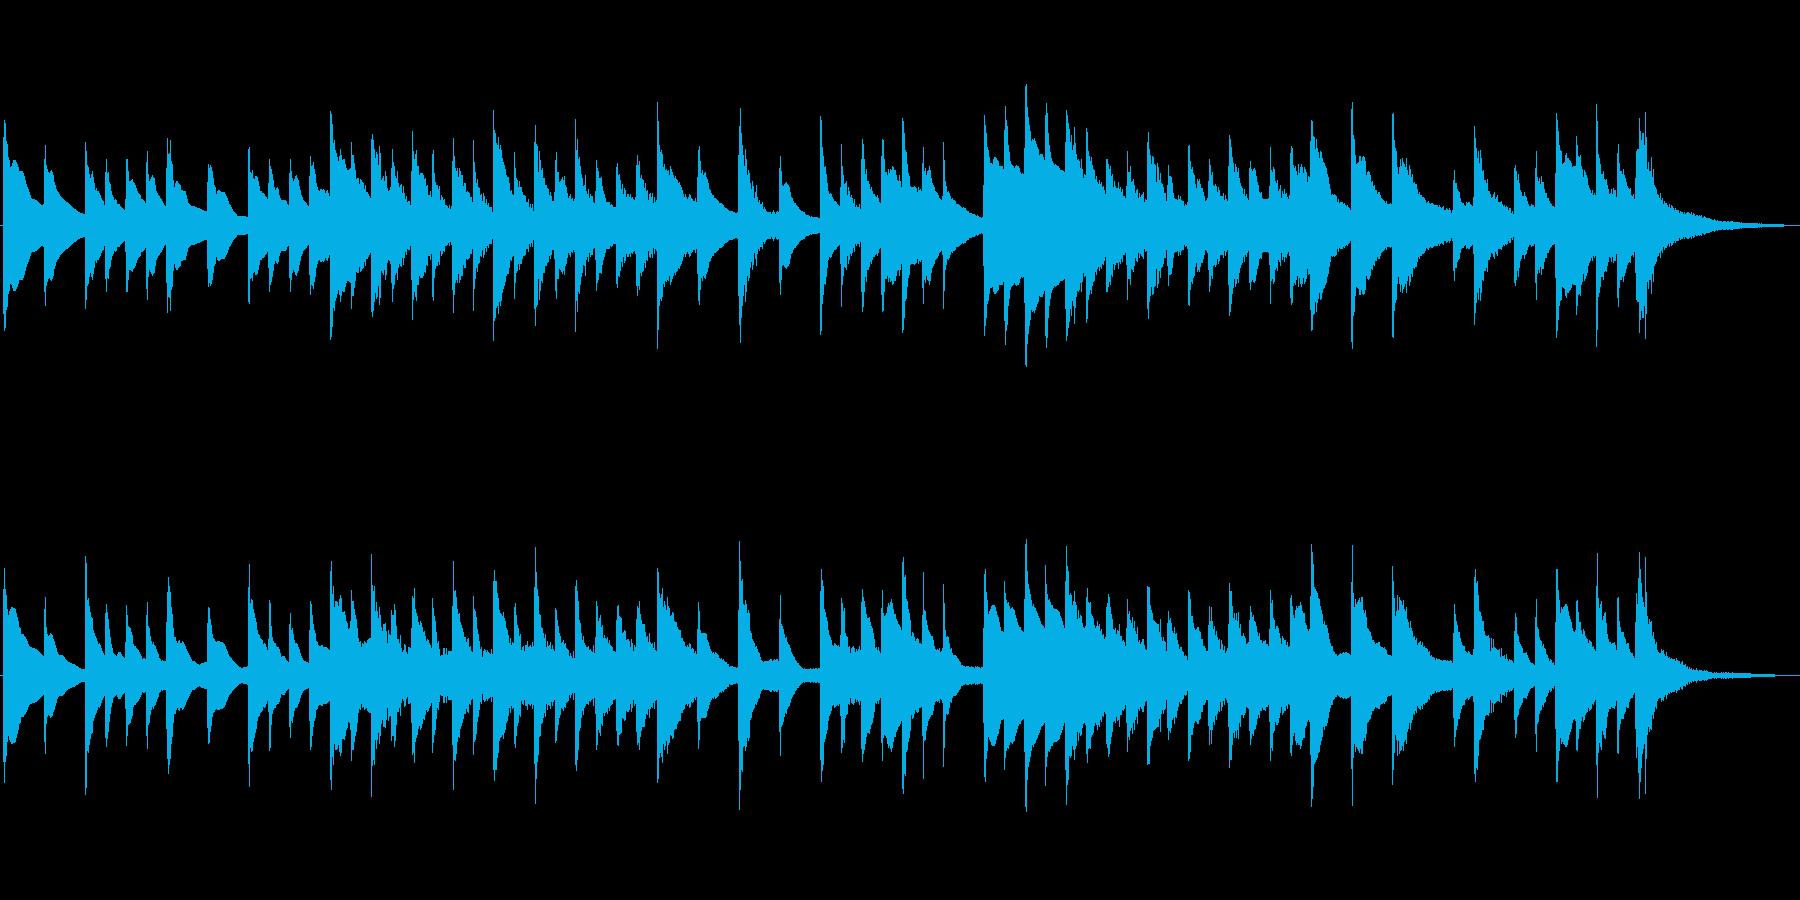 桜の曲オマージュ作品 琴の再生済みの波形